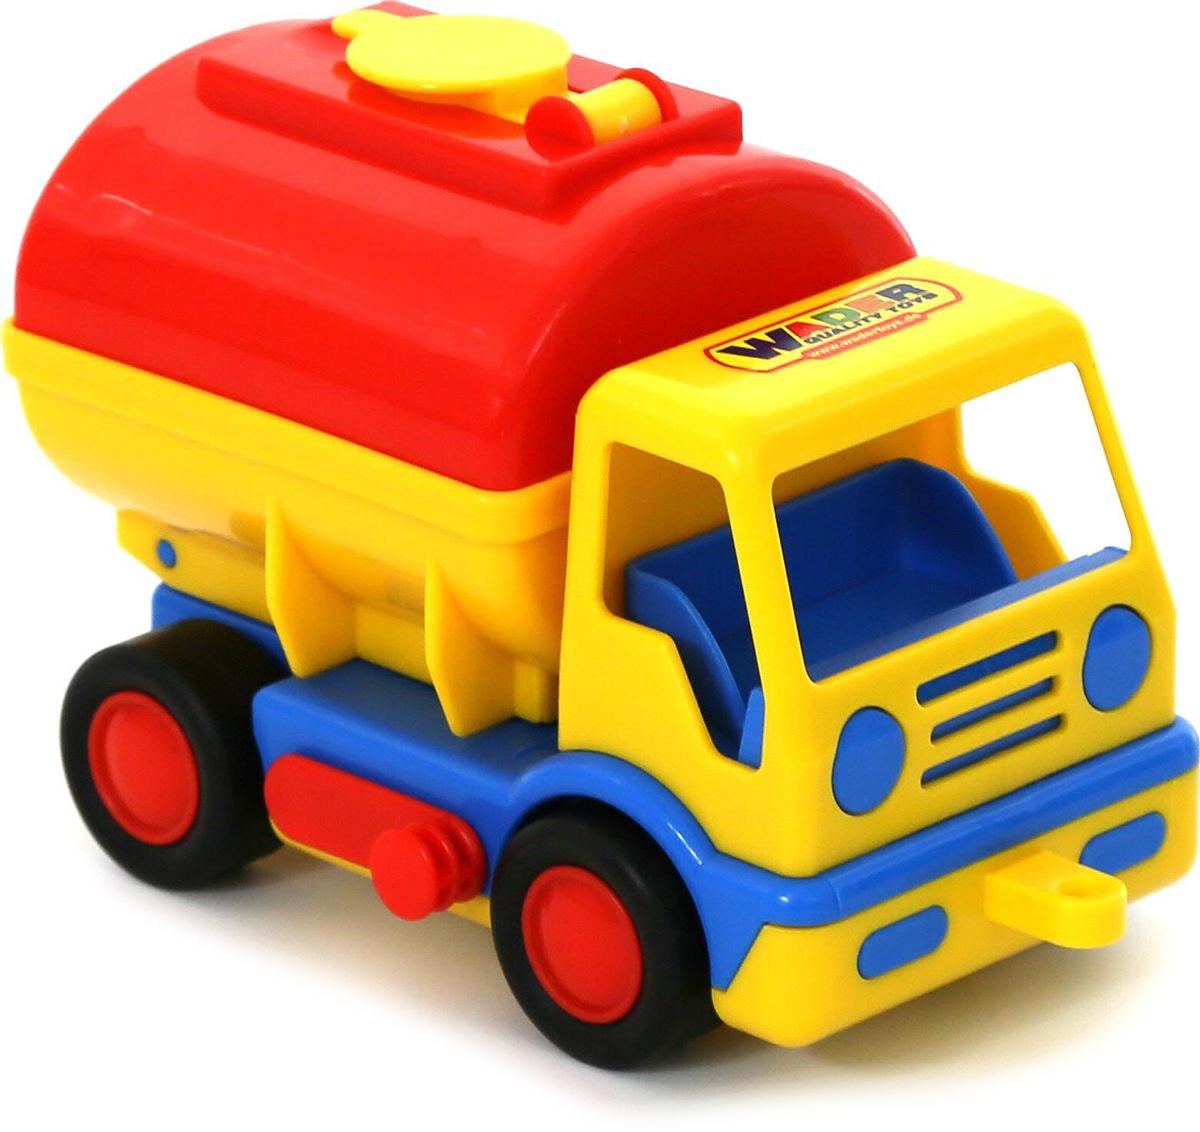 Фото - Полесье Бензовоз Базик, цвет в ассортименте полесье набор игрушек для песочницы 468 цвет в ассортименте